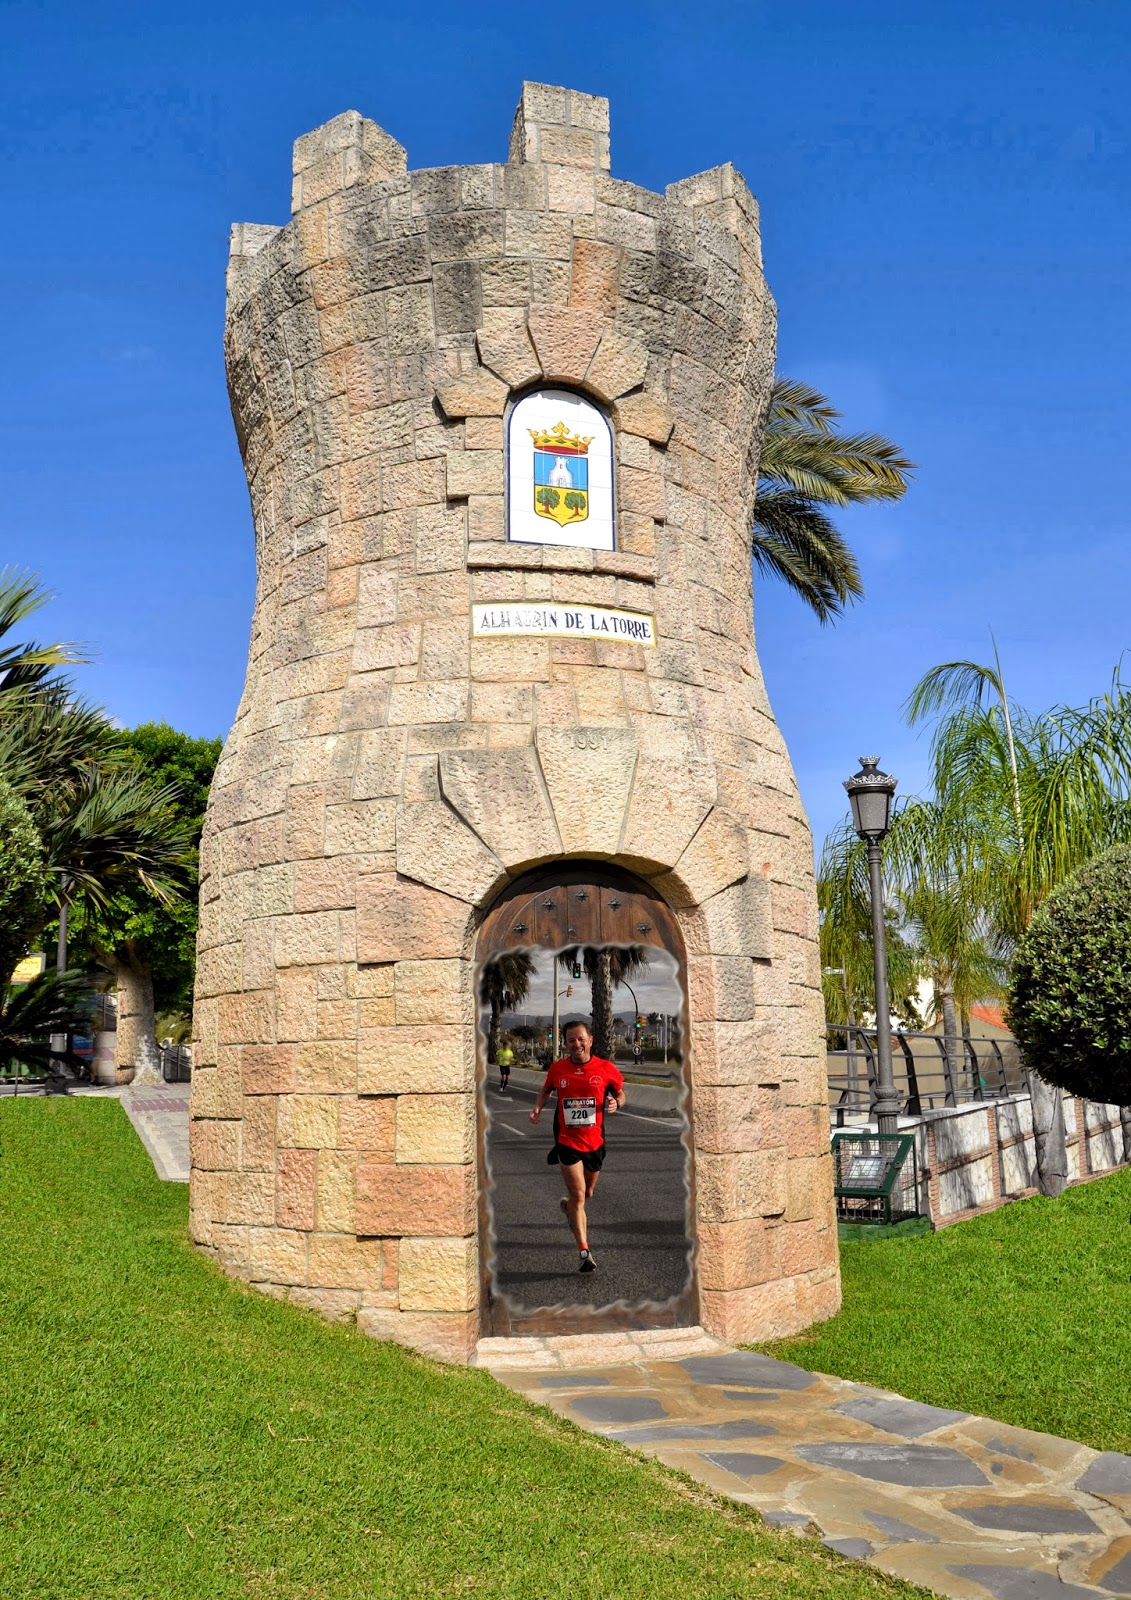 Carrera popular y media marat n alhaur n de la torre for Jardin oriental bienquerido alhaurin de la torre